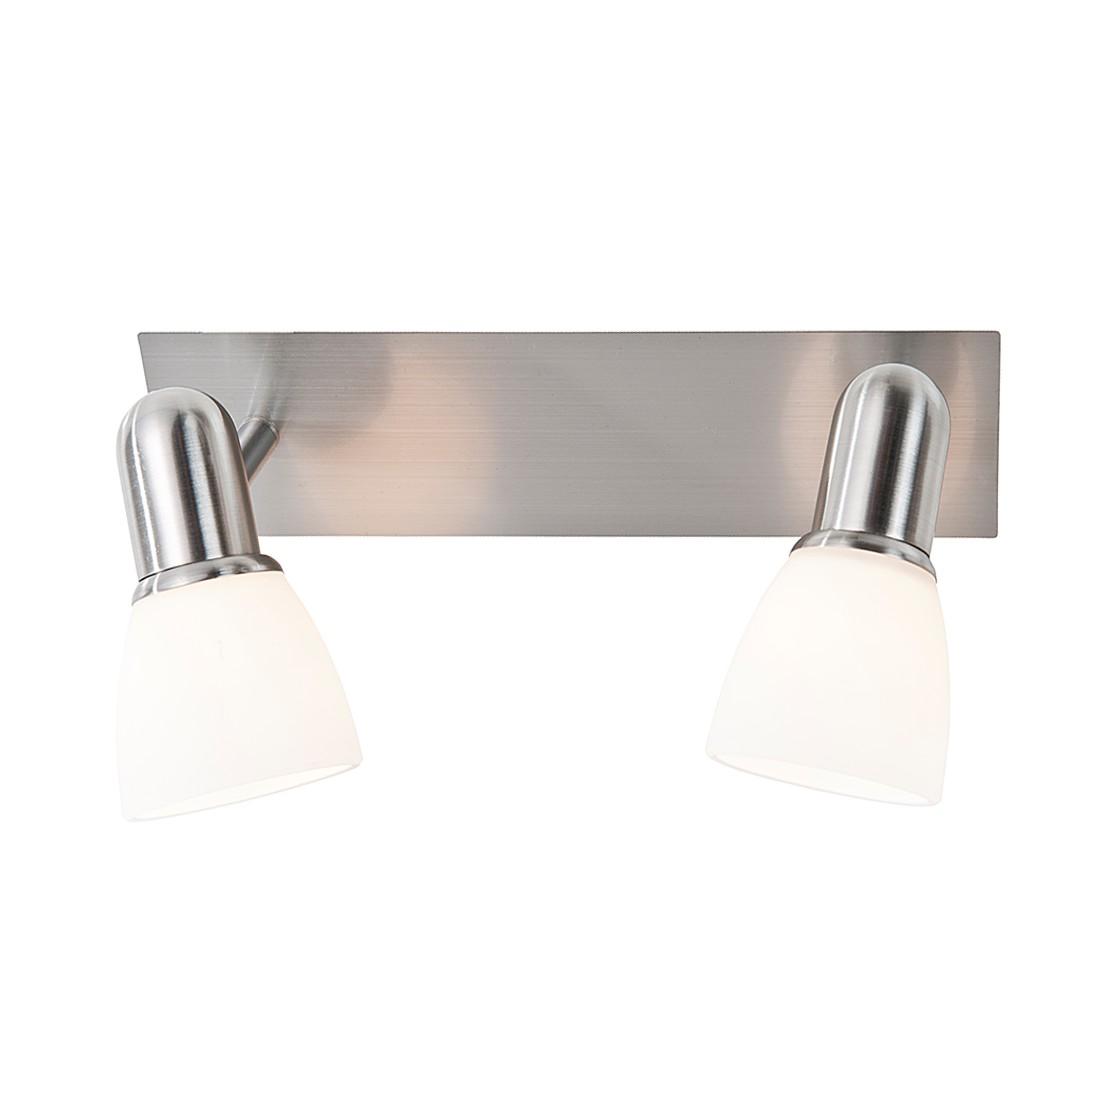 wohnzimmerlampen günstig:Wohnzimmerlampen Decke, modern, günstig – Lampen-Finder.de